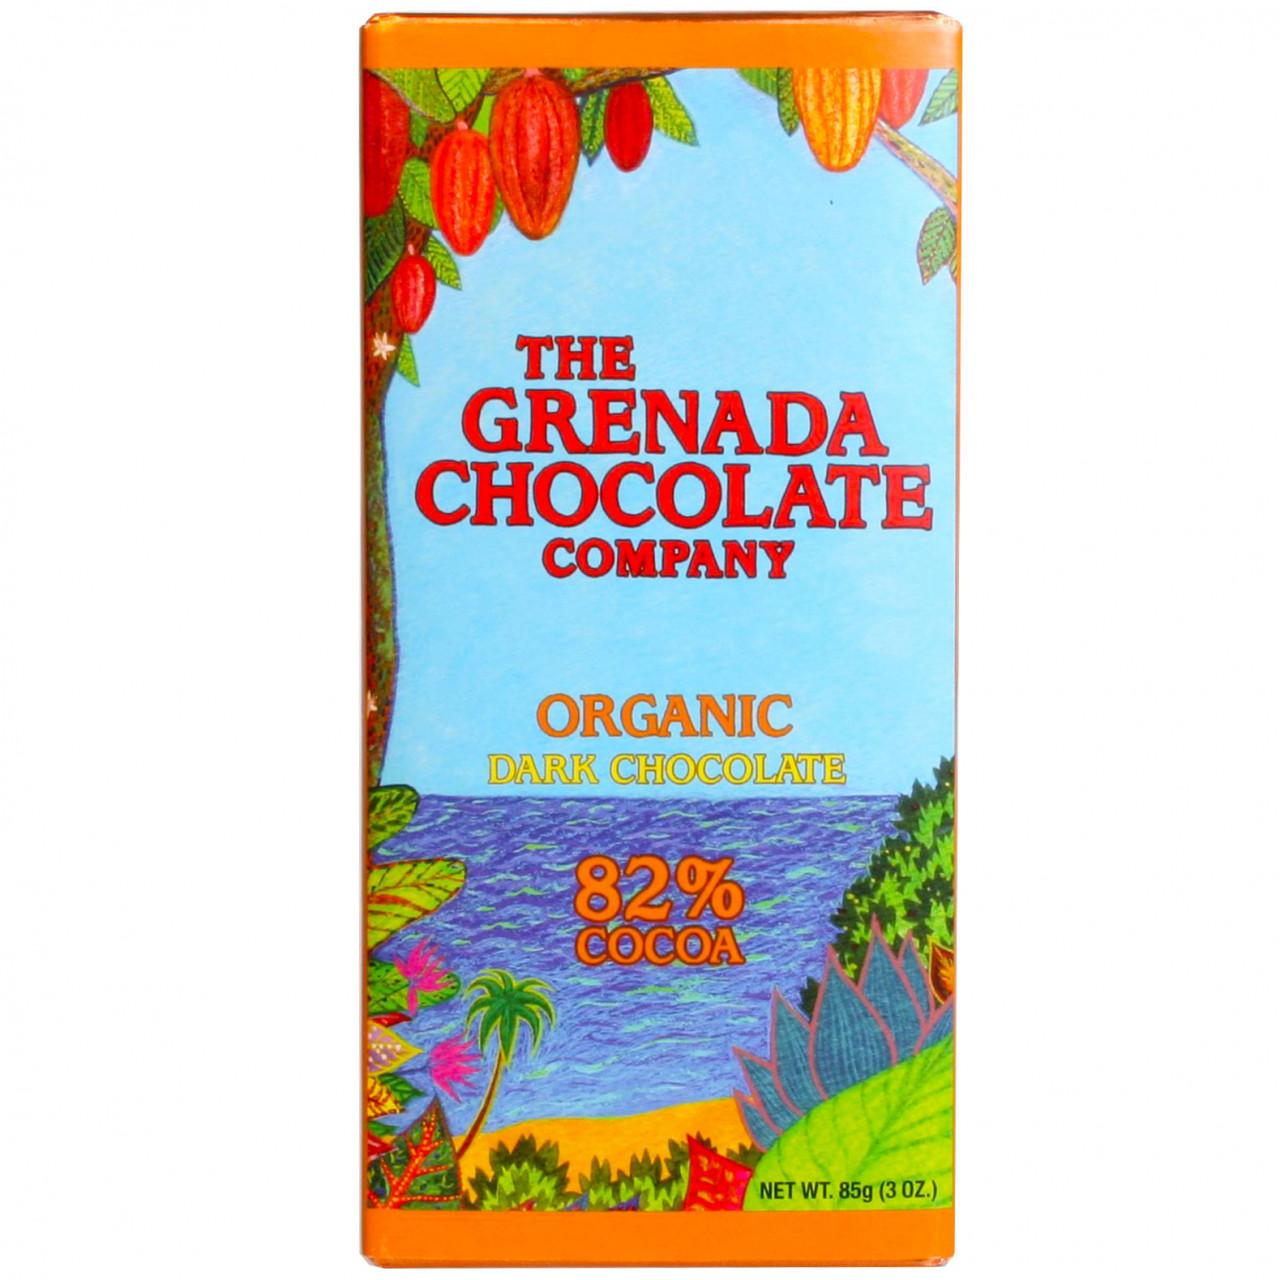 Grenada Chocolate, Bio Schokolade, Organic Chocolate, Dunkle Schokolade, Edelbitterschokolade, Schokolade von Grenada, Nussfreie Schokolade, Organic Chocolate, dark chocolate, chocolat noir, Grenada C